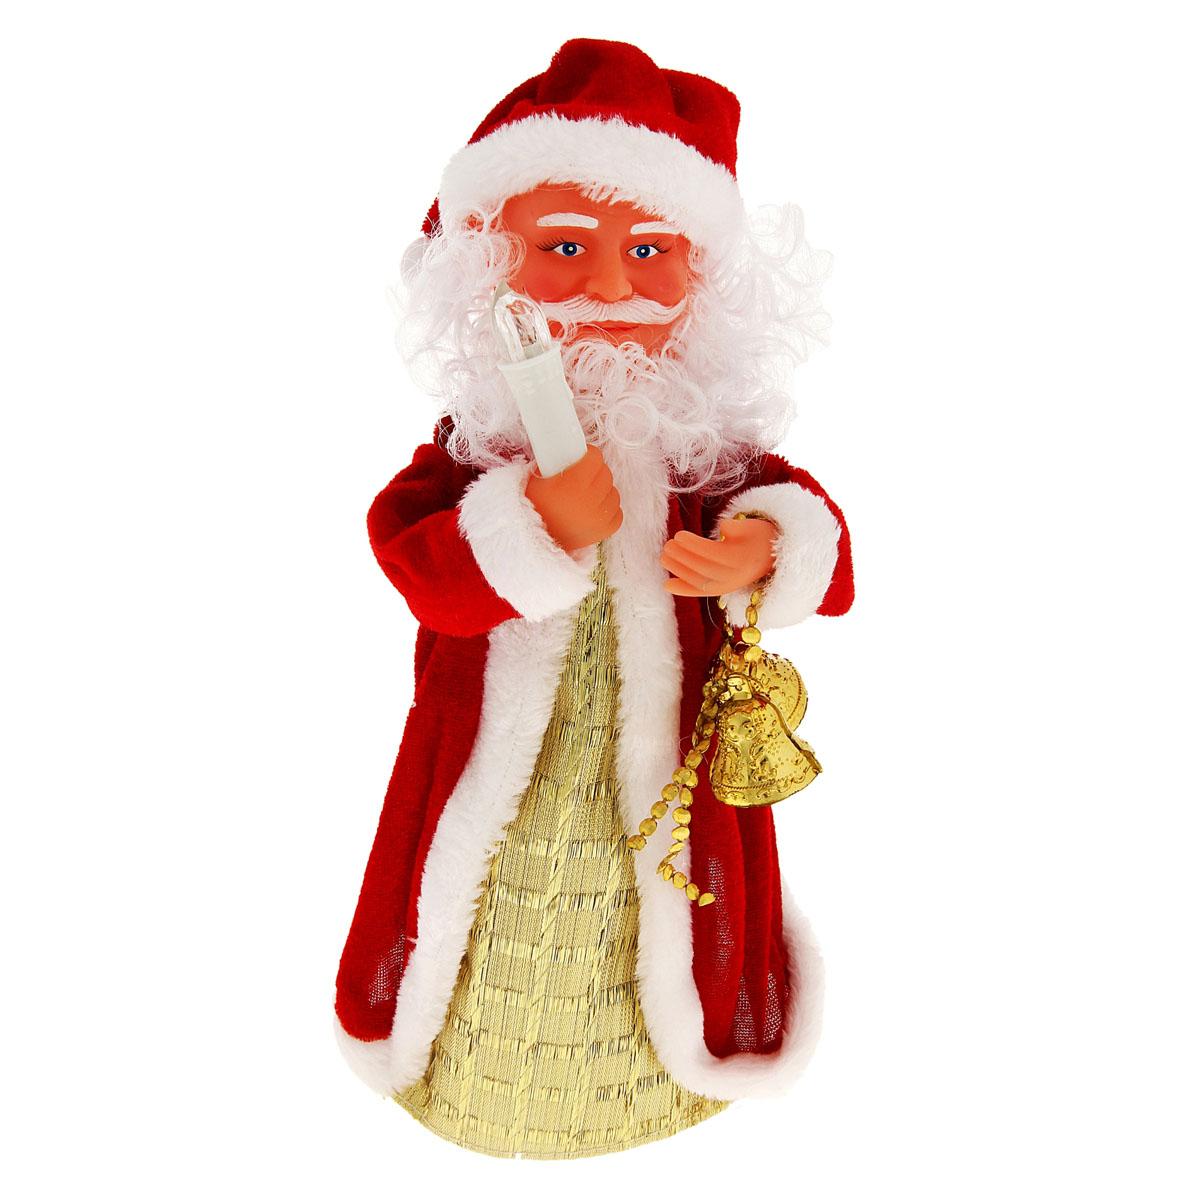 Новогодняя декоративная фигурка Sima-land Дед Мороз, анимированная, высота 28 см. 827832827832Новогодняя декоративная фигурка выполнена из высококачественного пластика в виде Деда Мороза. Дед Мороз одет в шубу с опушкой. На голове колпак в цвет шубы. В одной руке Дед Мороз держит свечку, а в другой колокольчики. Особенностью фигурки является наличие механизма, при включении которого играет мелодия, свечка светится, а кукла начинает крутиться вокруг своей оси, шевеля руками и головой. Его добрый вид и очаровательная улыбка притягивают к себе восторженные взгляды. Декоративная фигурка Дед Мороз подойдет для оформления новогоднего интерьера и принесет с собой атмосферу радости и веселья. УВАЖАЕМЫЕ КЛИЕНТЫ! Обращаем ваше внимание на тот факт, что декоративная фигурка работает от трех батареек типа АА/R6/UM-3 напряжением 1,5V. Батарейки в комплект не входят.